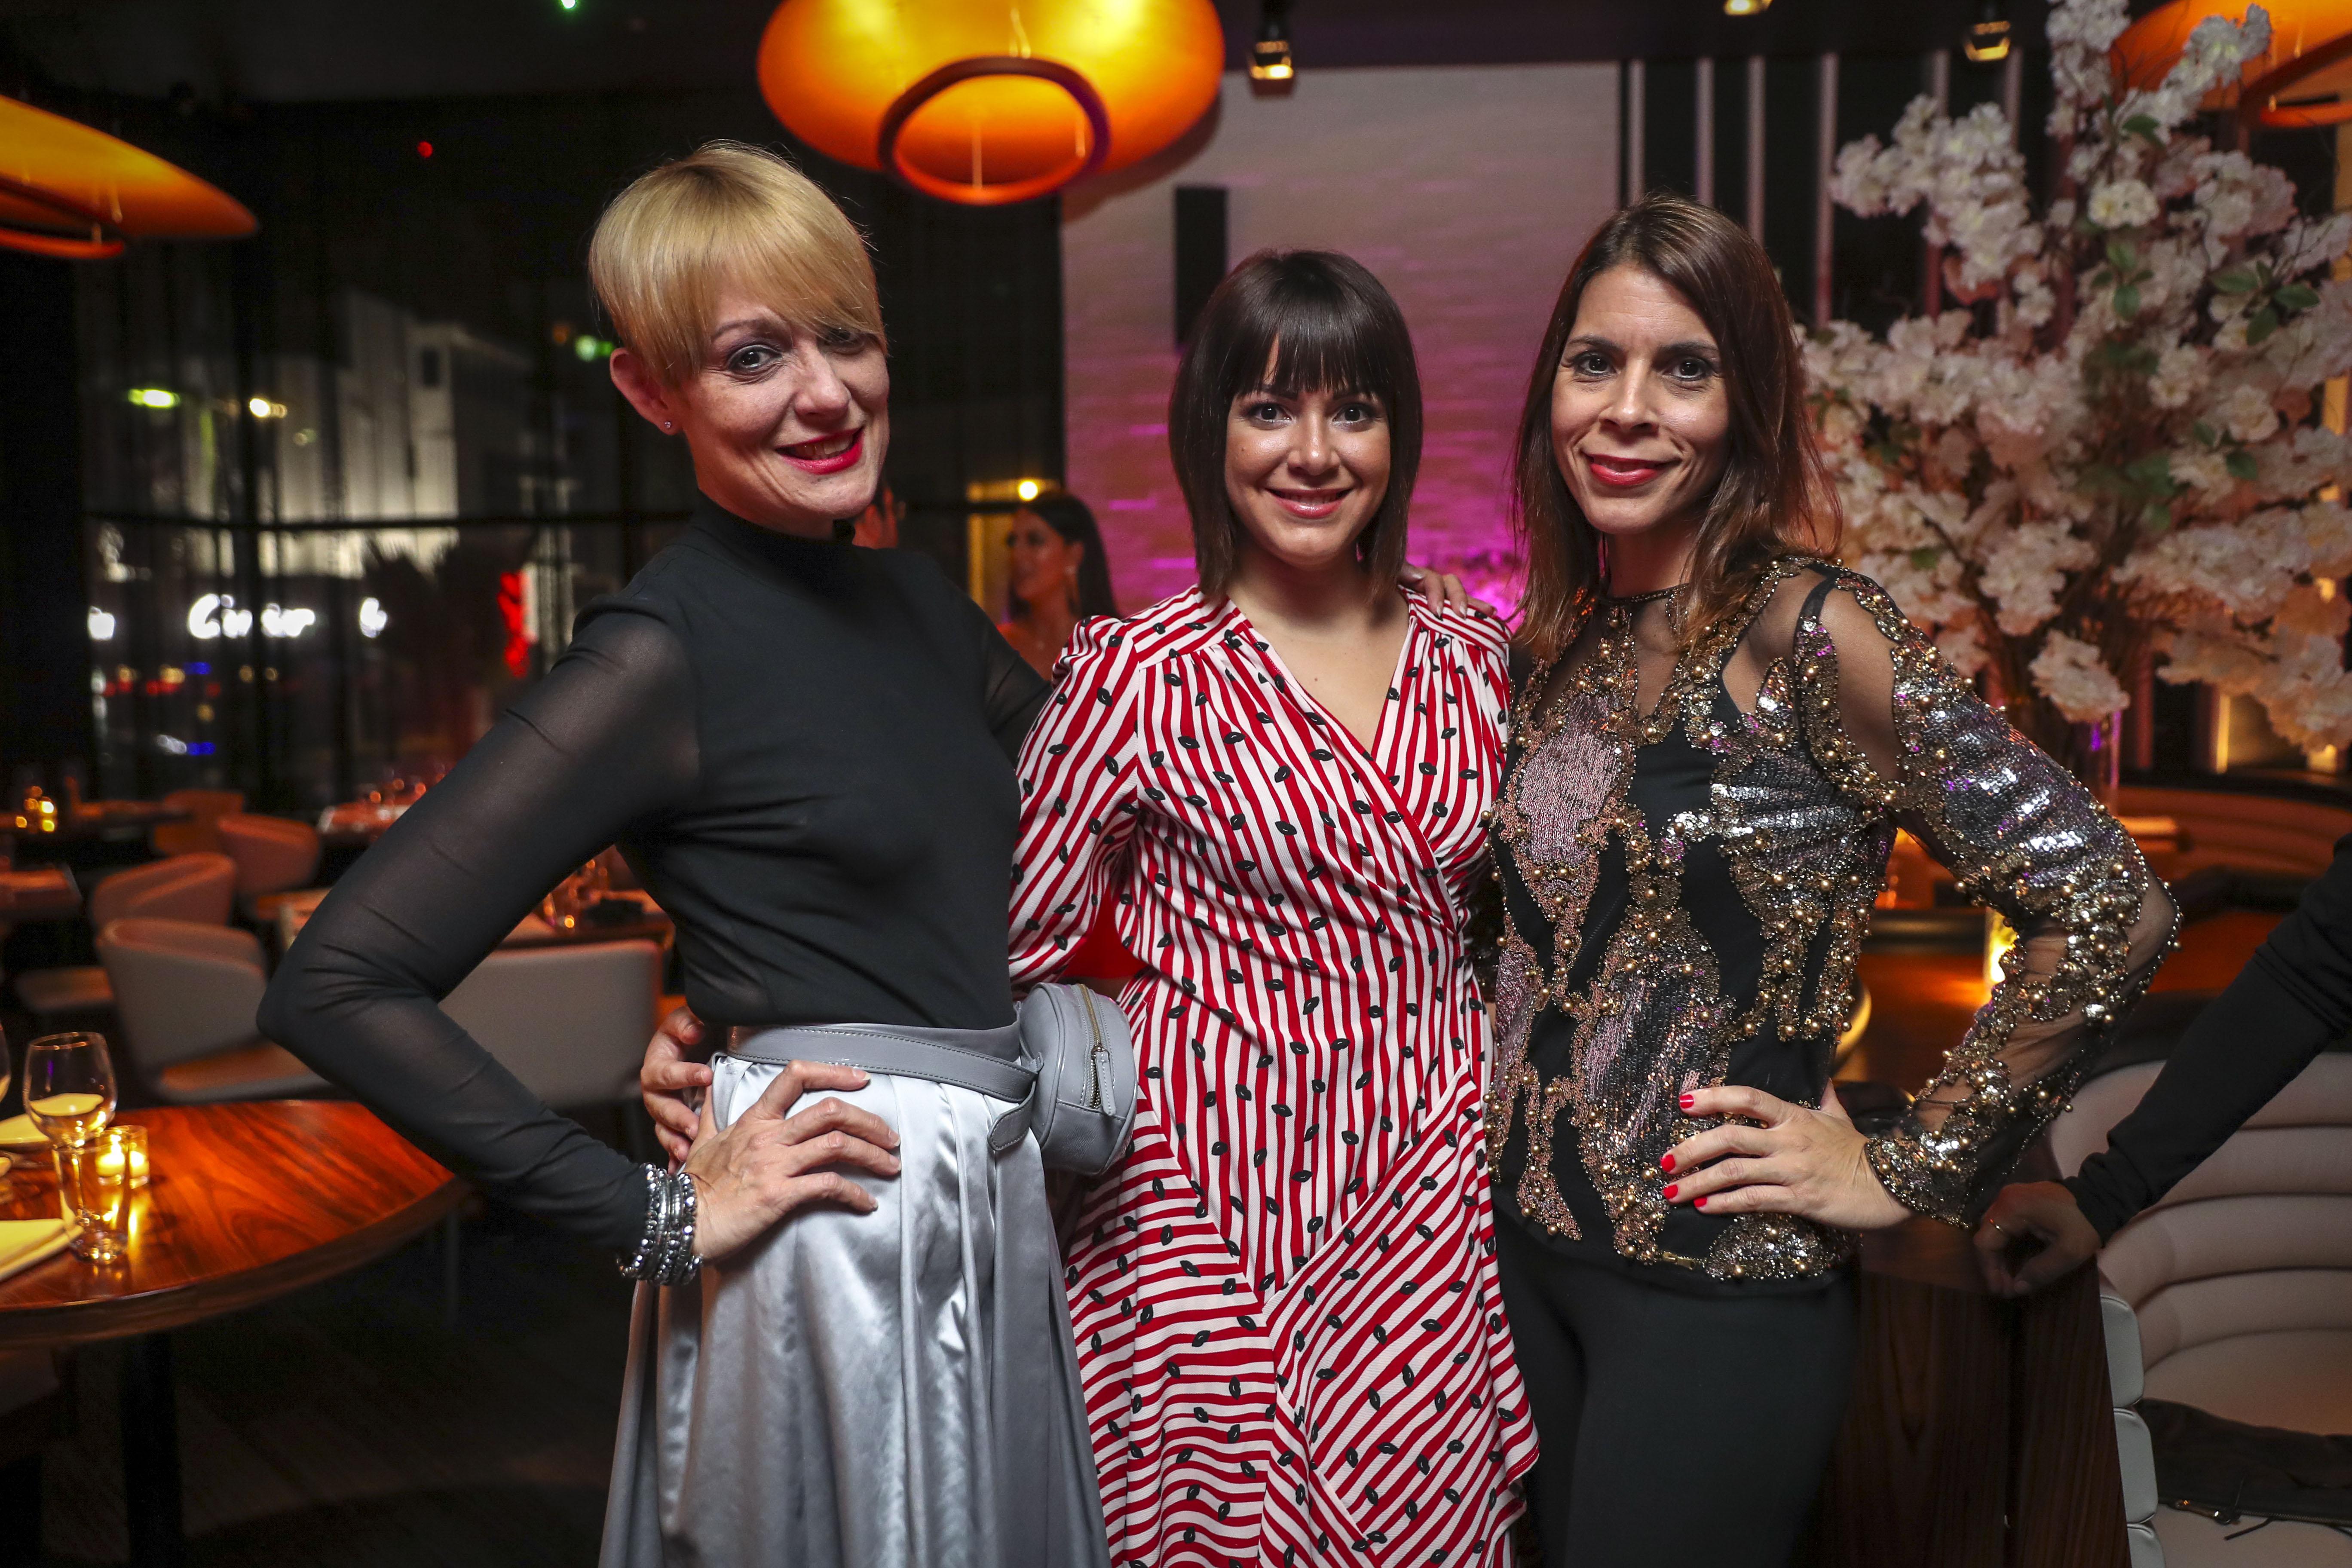 Brenda Pizarro, Yulixa Vélez y Coralis Torres. (Suministrada)